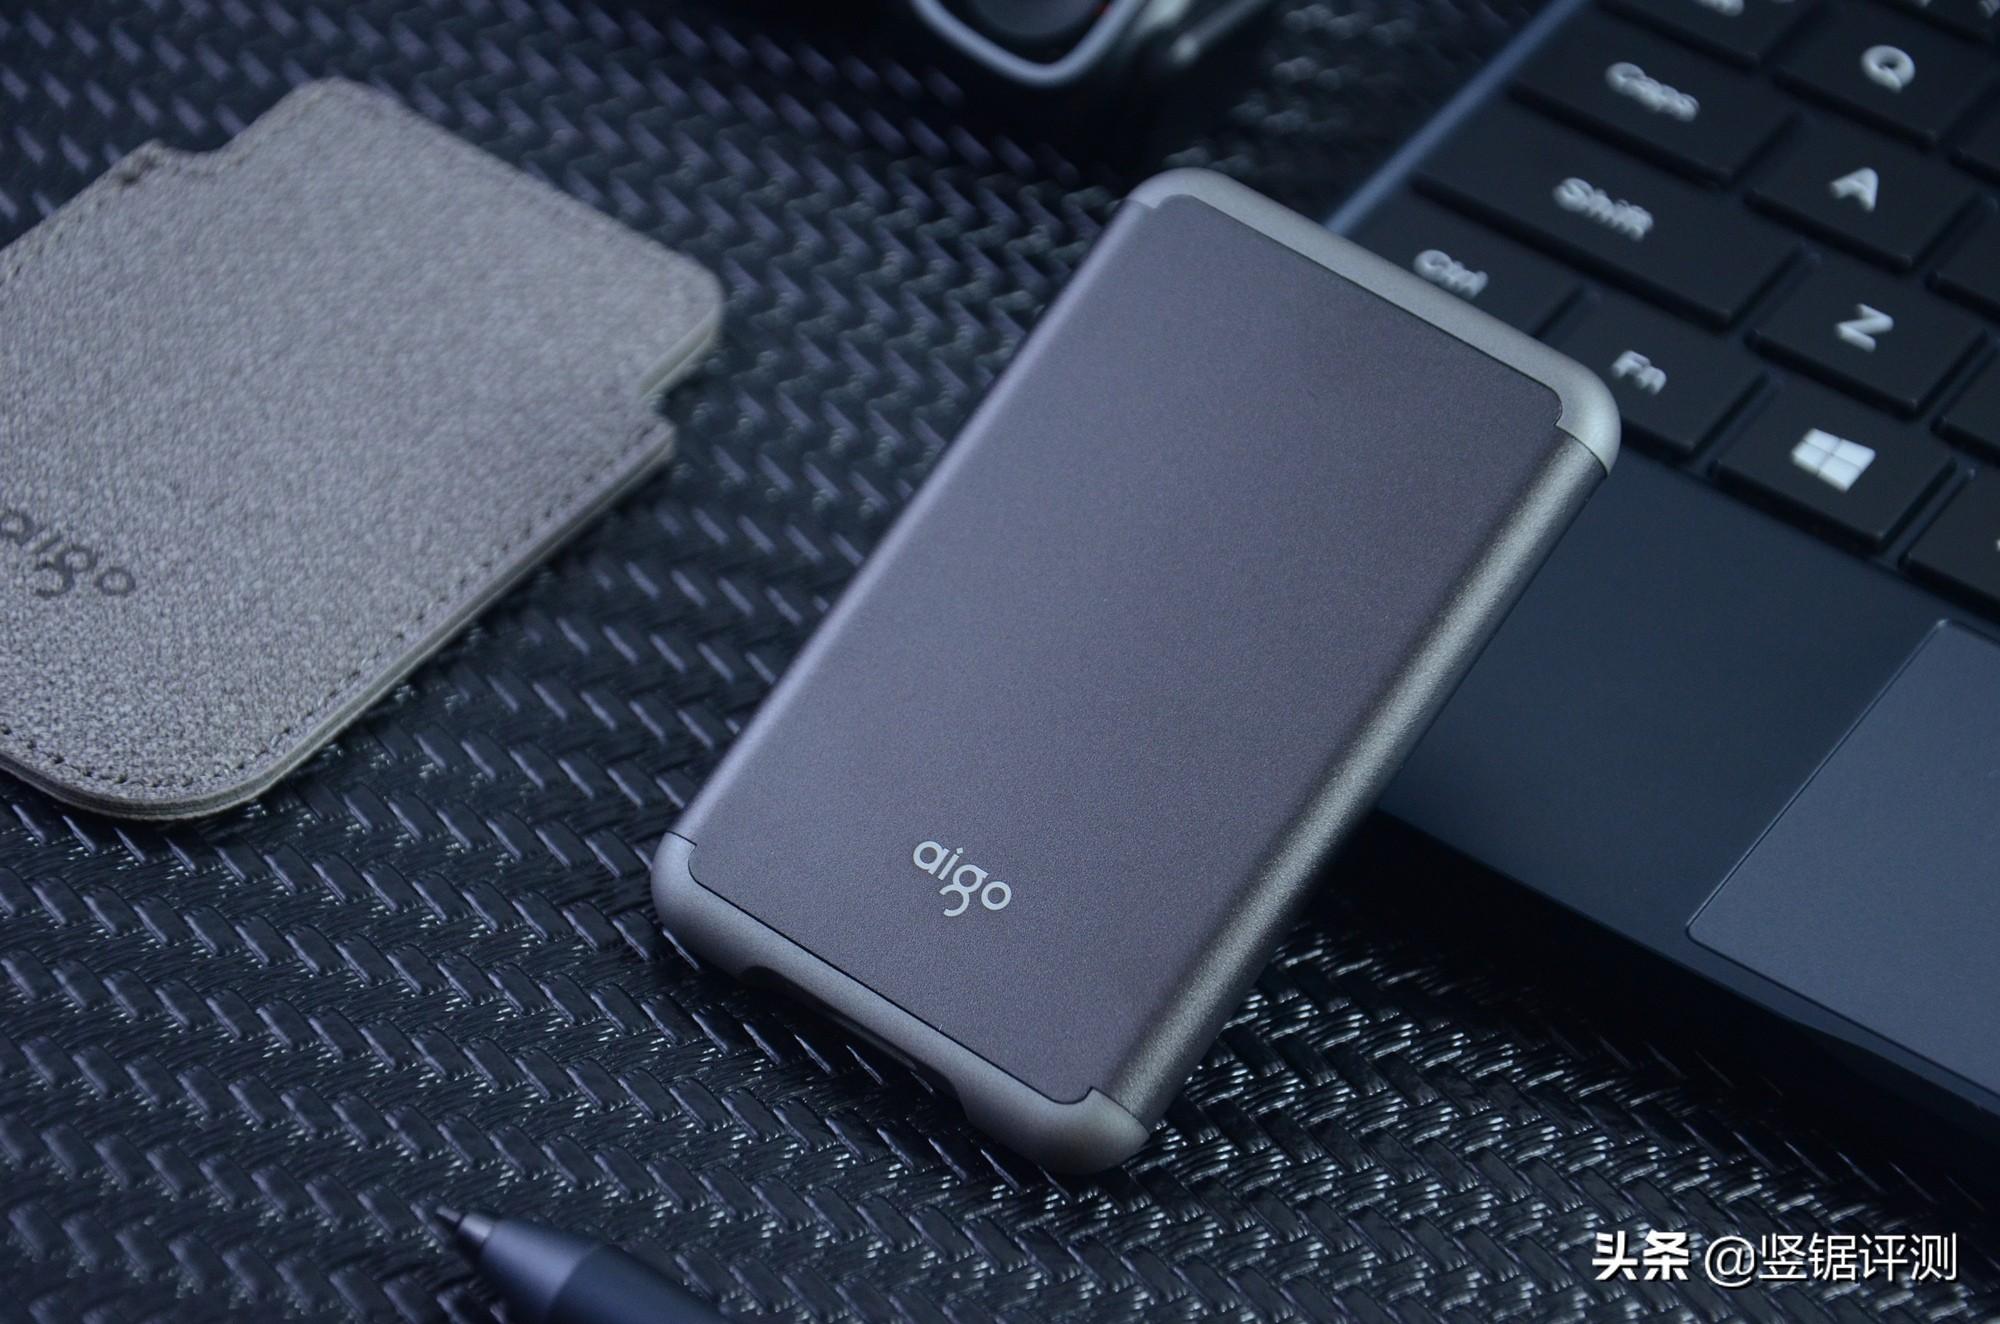 仅重35克,每秒500MB写速!爱国者aigo S7 Pro移动固态硬盘开箱体验